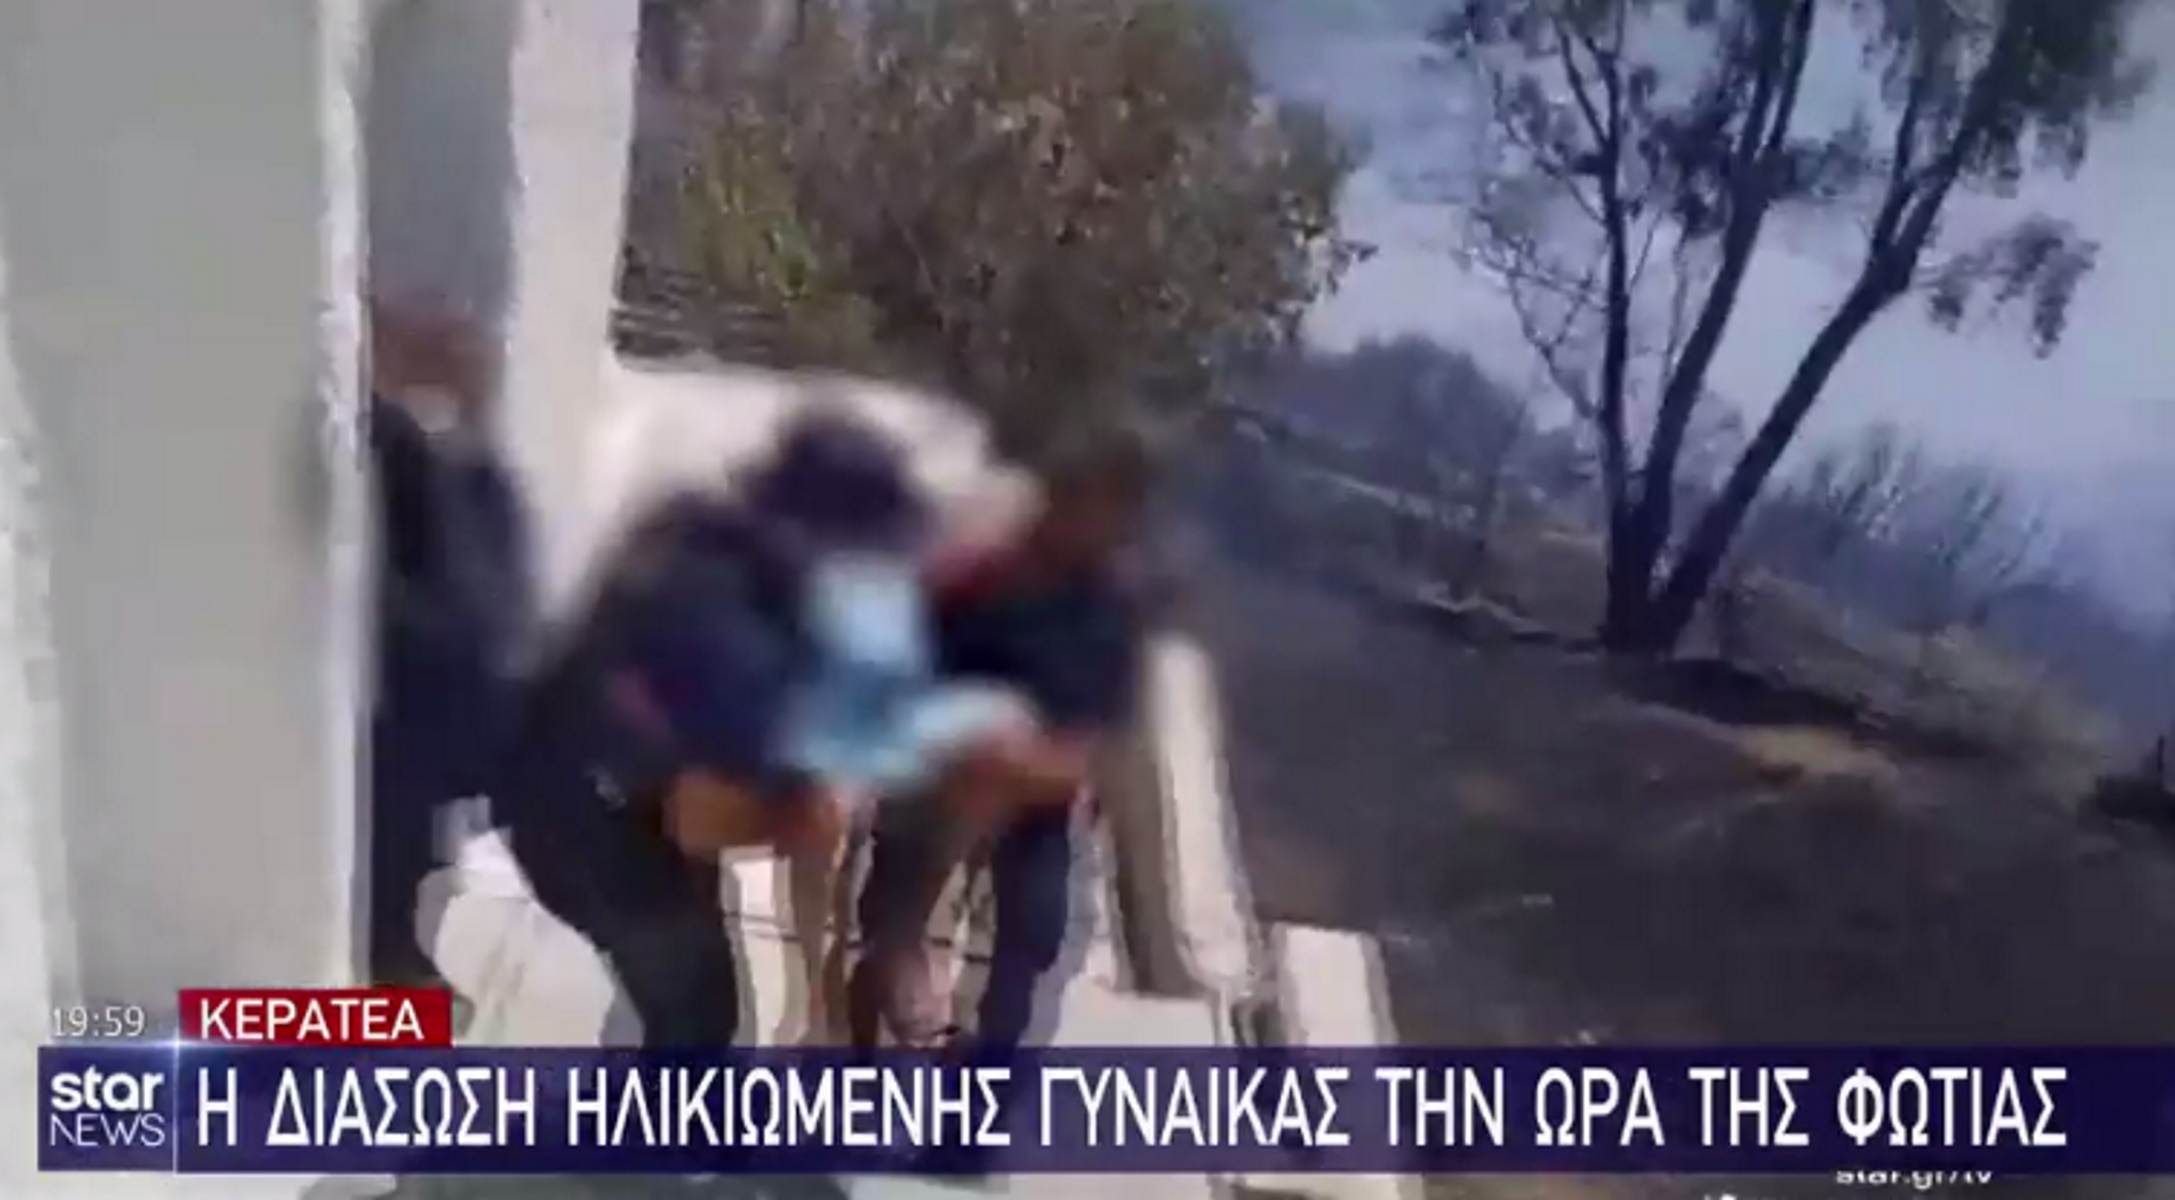 Κερατέα: Σώθηκε από τις φλόγες και έπεσε νεκρή από το χέρι του γιού της